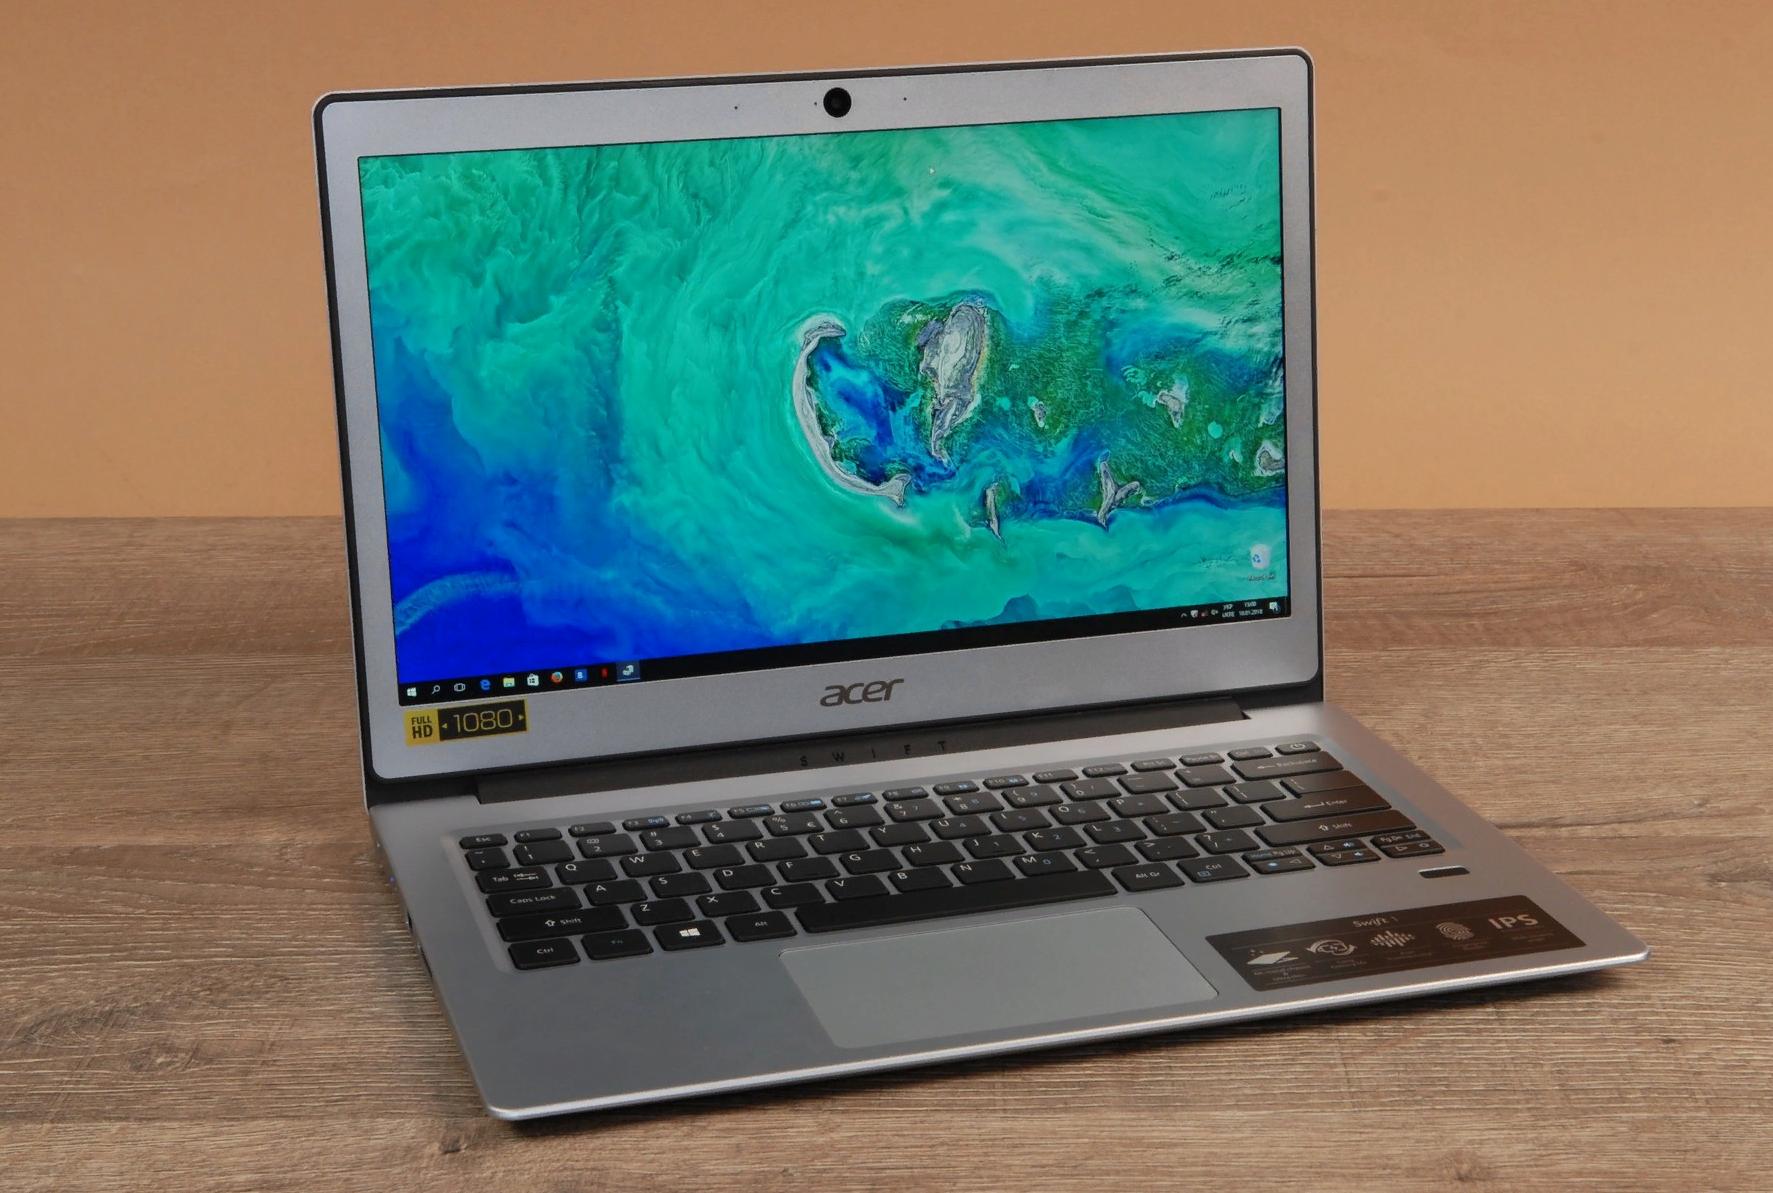 Рис. 14. Модель Swift 1 – бюджетный ультрабук от Acer.